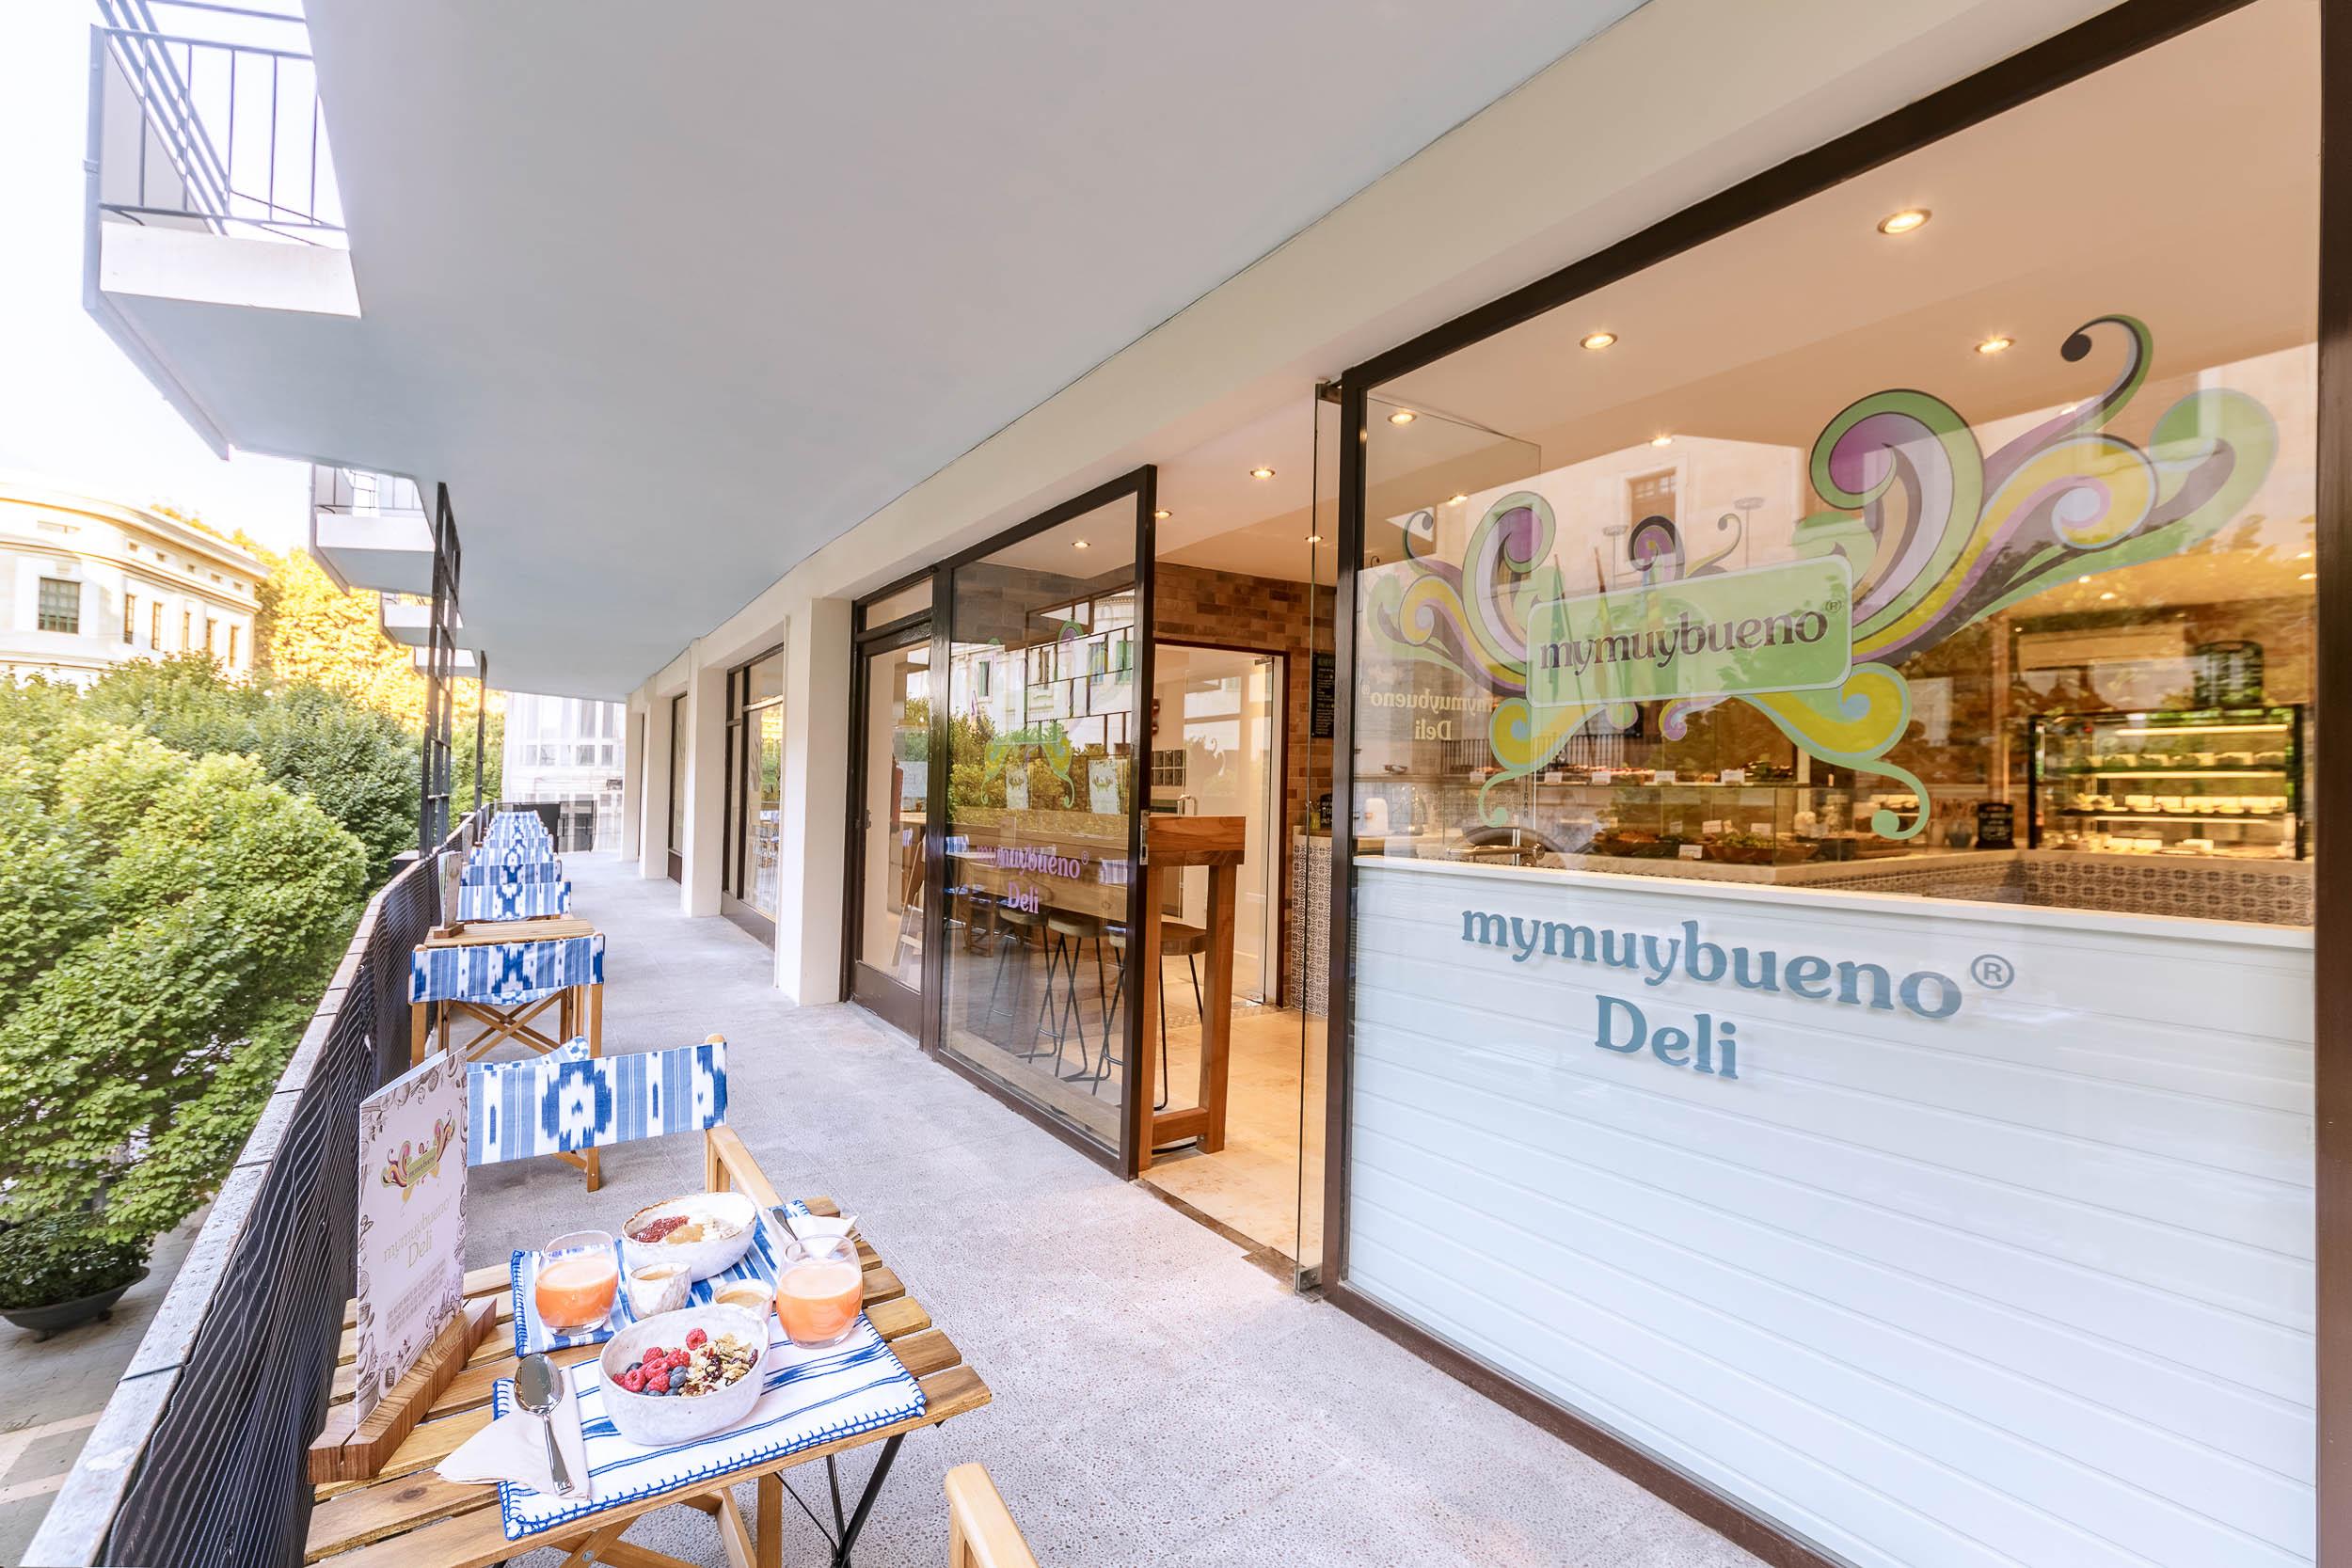 mymuybueno_interiors_ exteriors_06.jpg